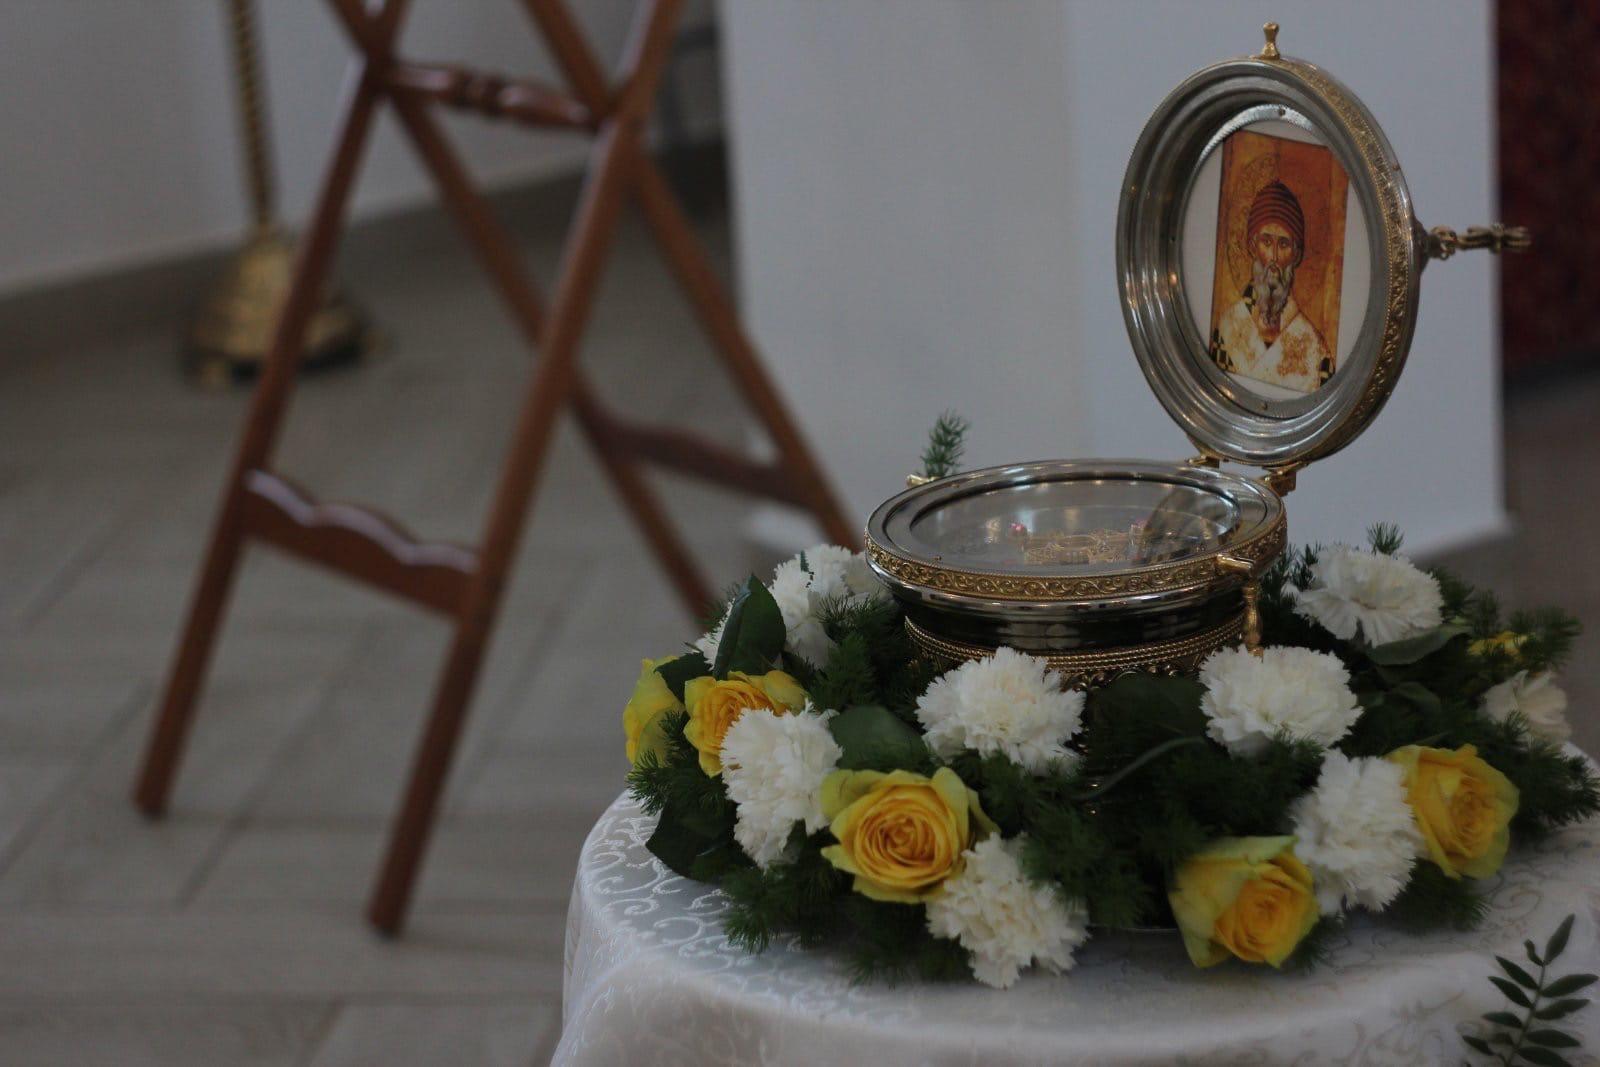 В Самару прибывает ковчег с мощами святителя Спиридона Тримифунтского Чудотворца